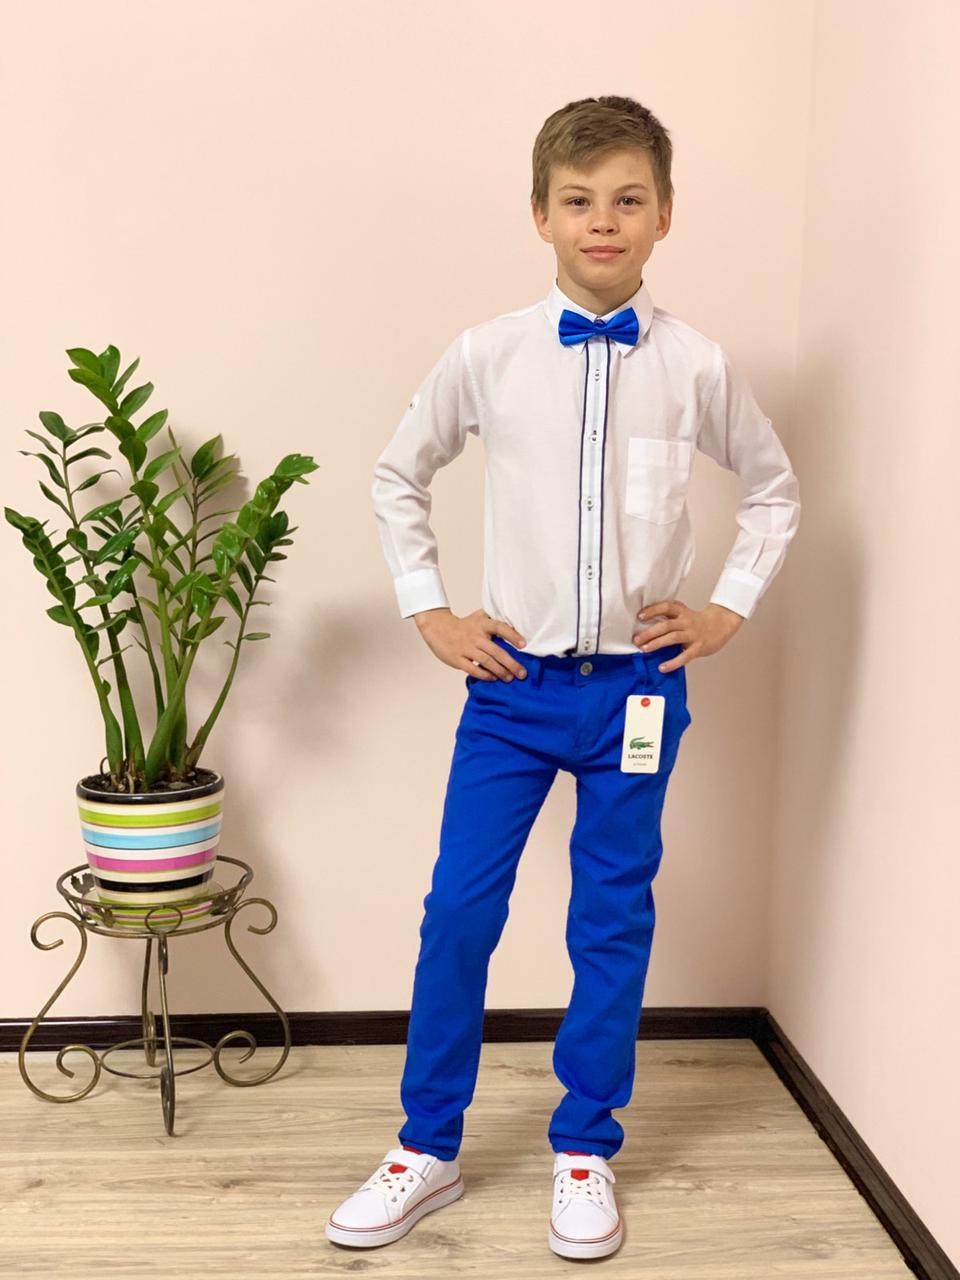 Нарядный костюм для мальчика: белая рубашка и ярко-синие брюки электрик